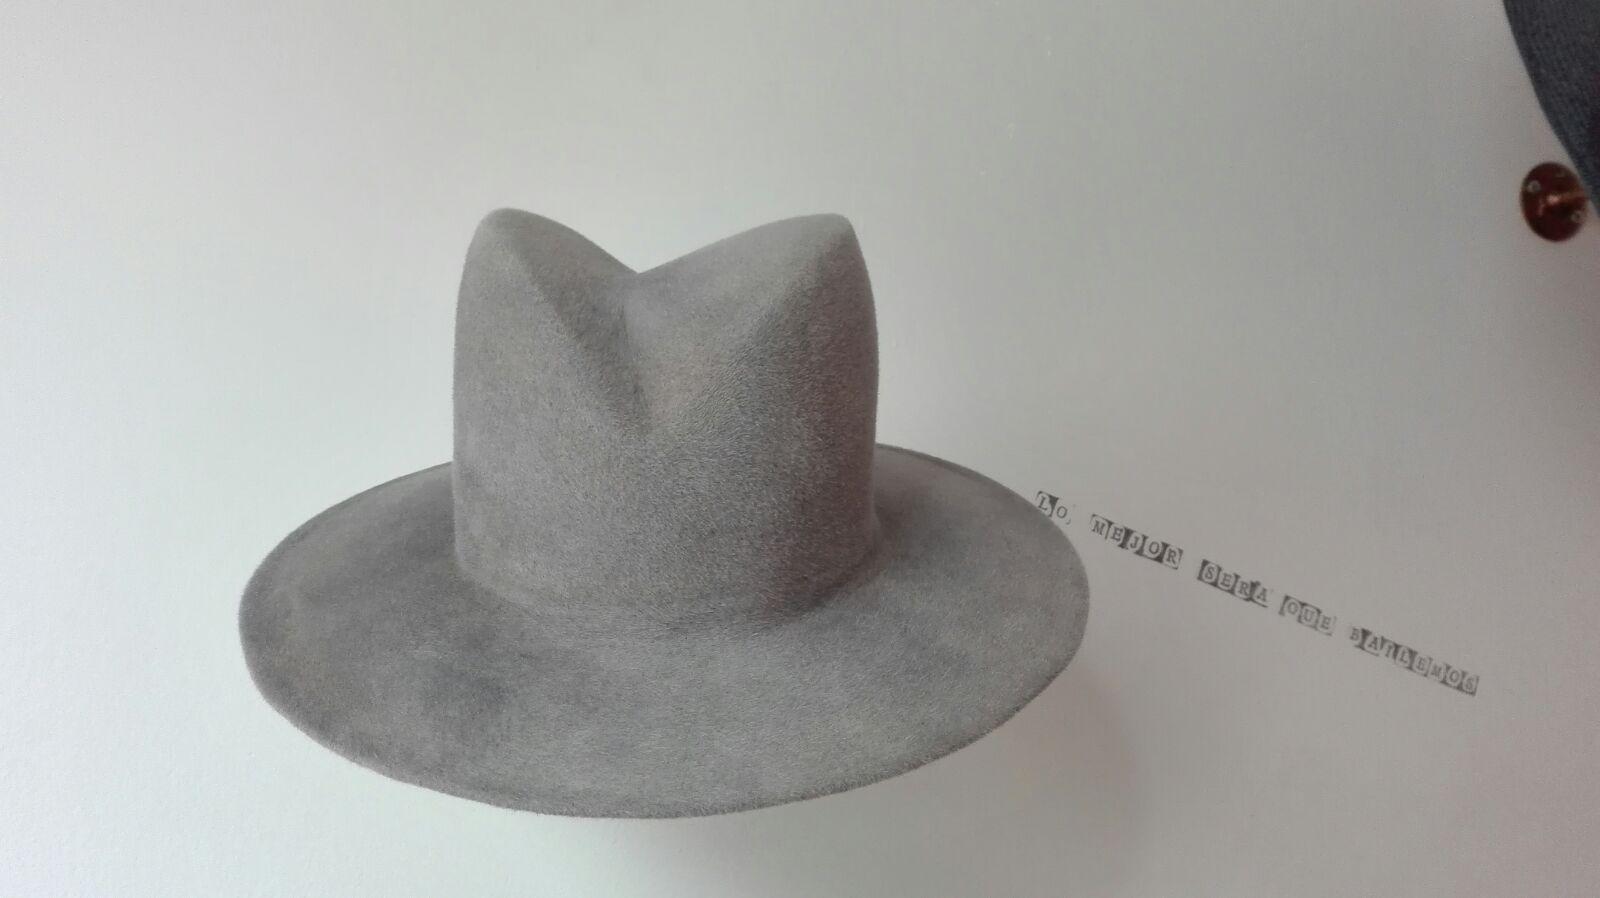 El fieltro sigue siendo el material estrella en los sombreros de invierno.